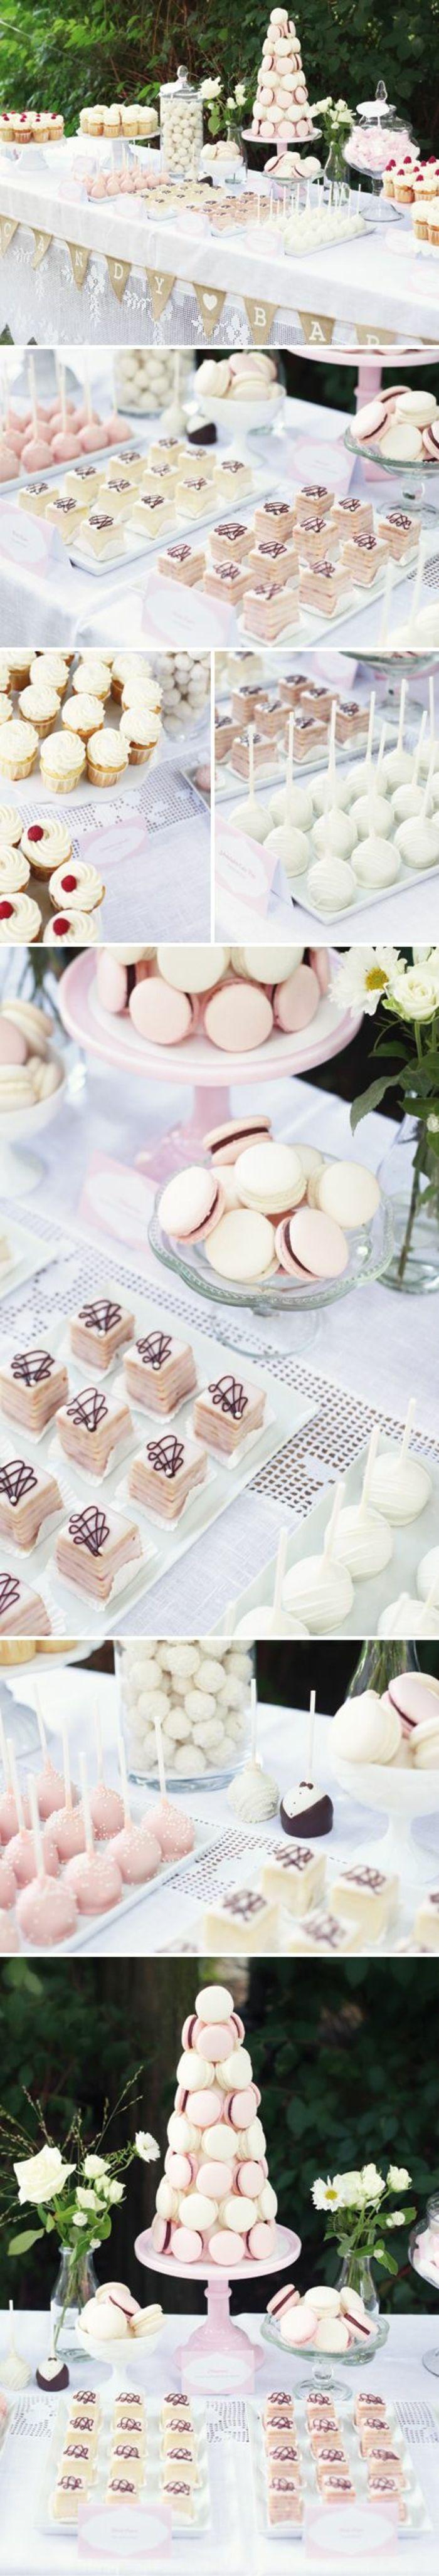 candy bar mariage en rose et blanc, macarons, guimauves, dragées, petits gateaux, nappe blanche, deco bouquet de fleurs, nappe blanche